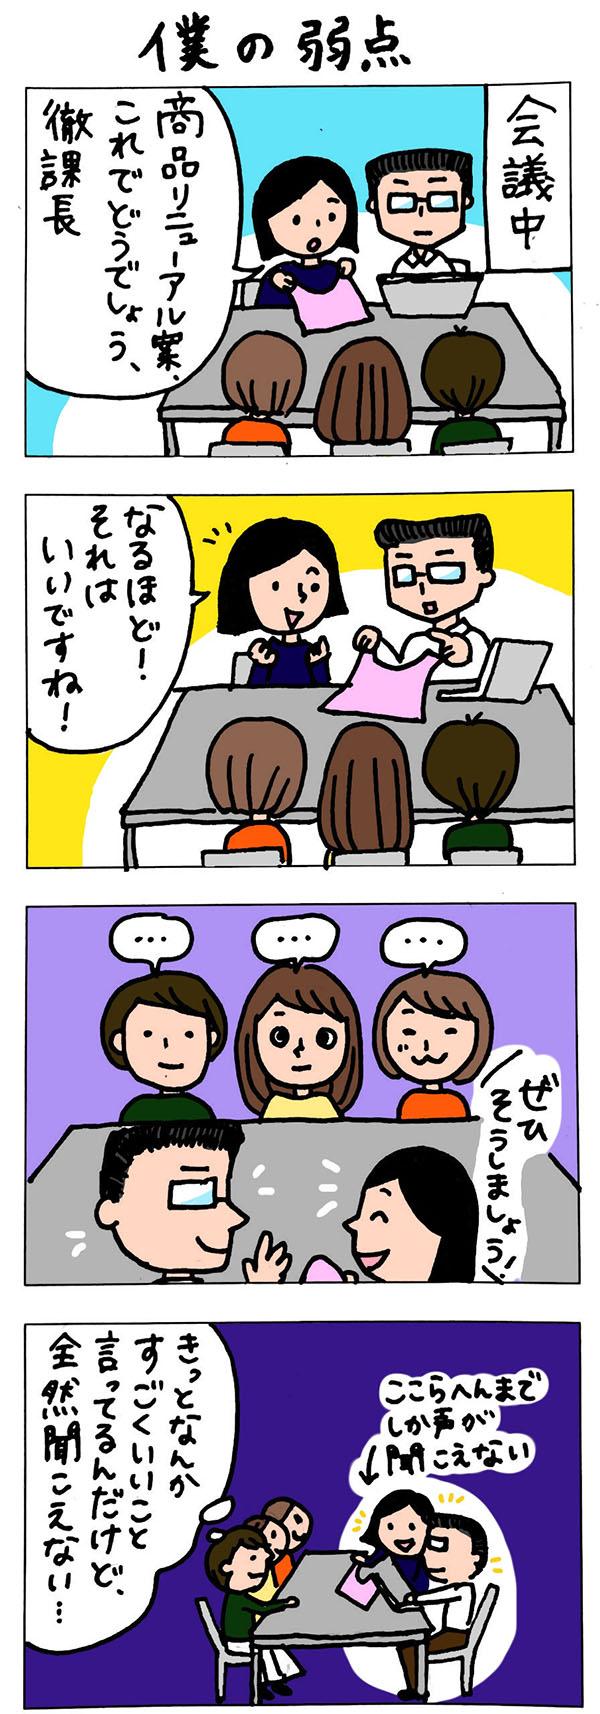 徹がゆくインナー課長4コマ漫画